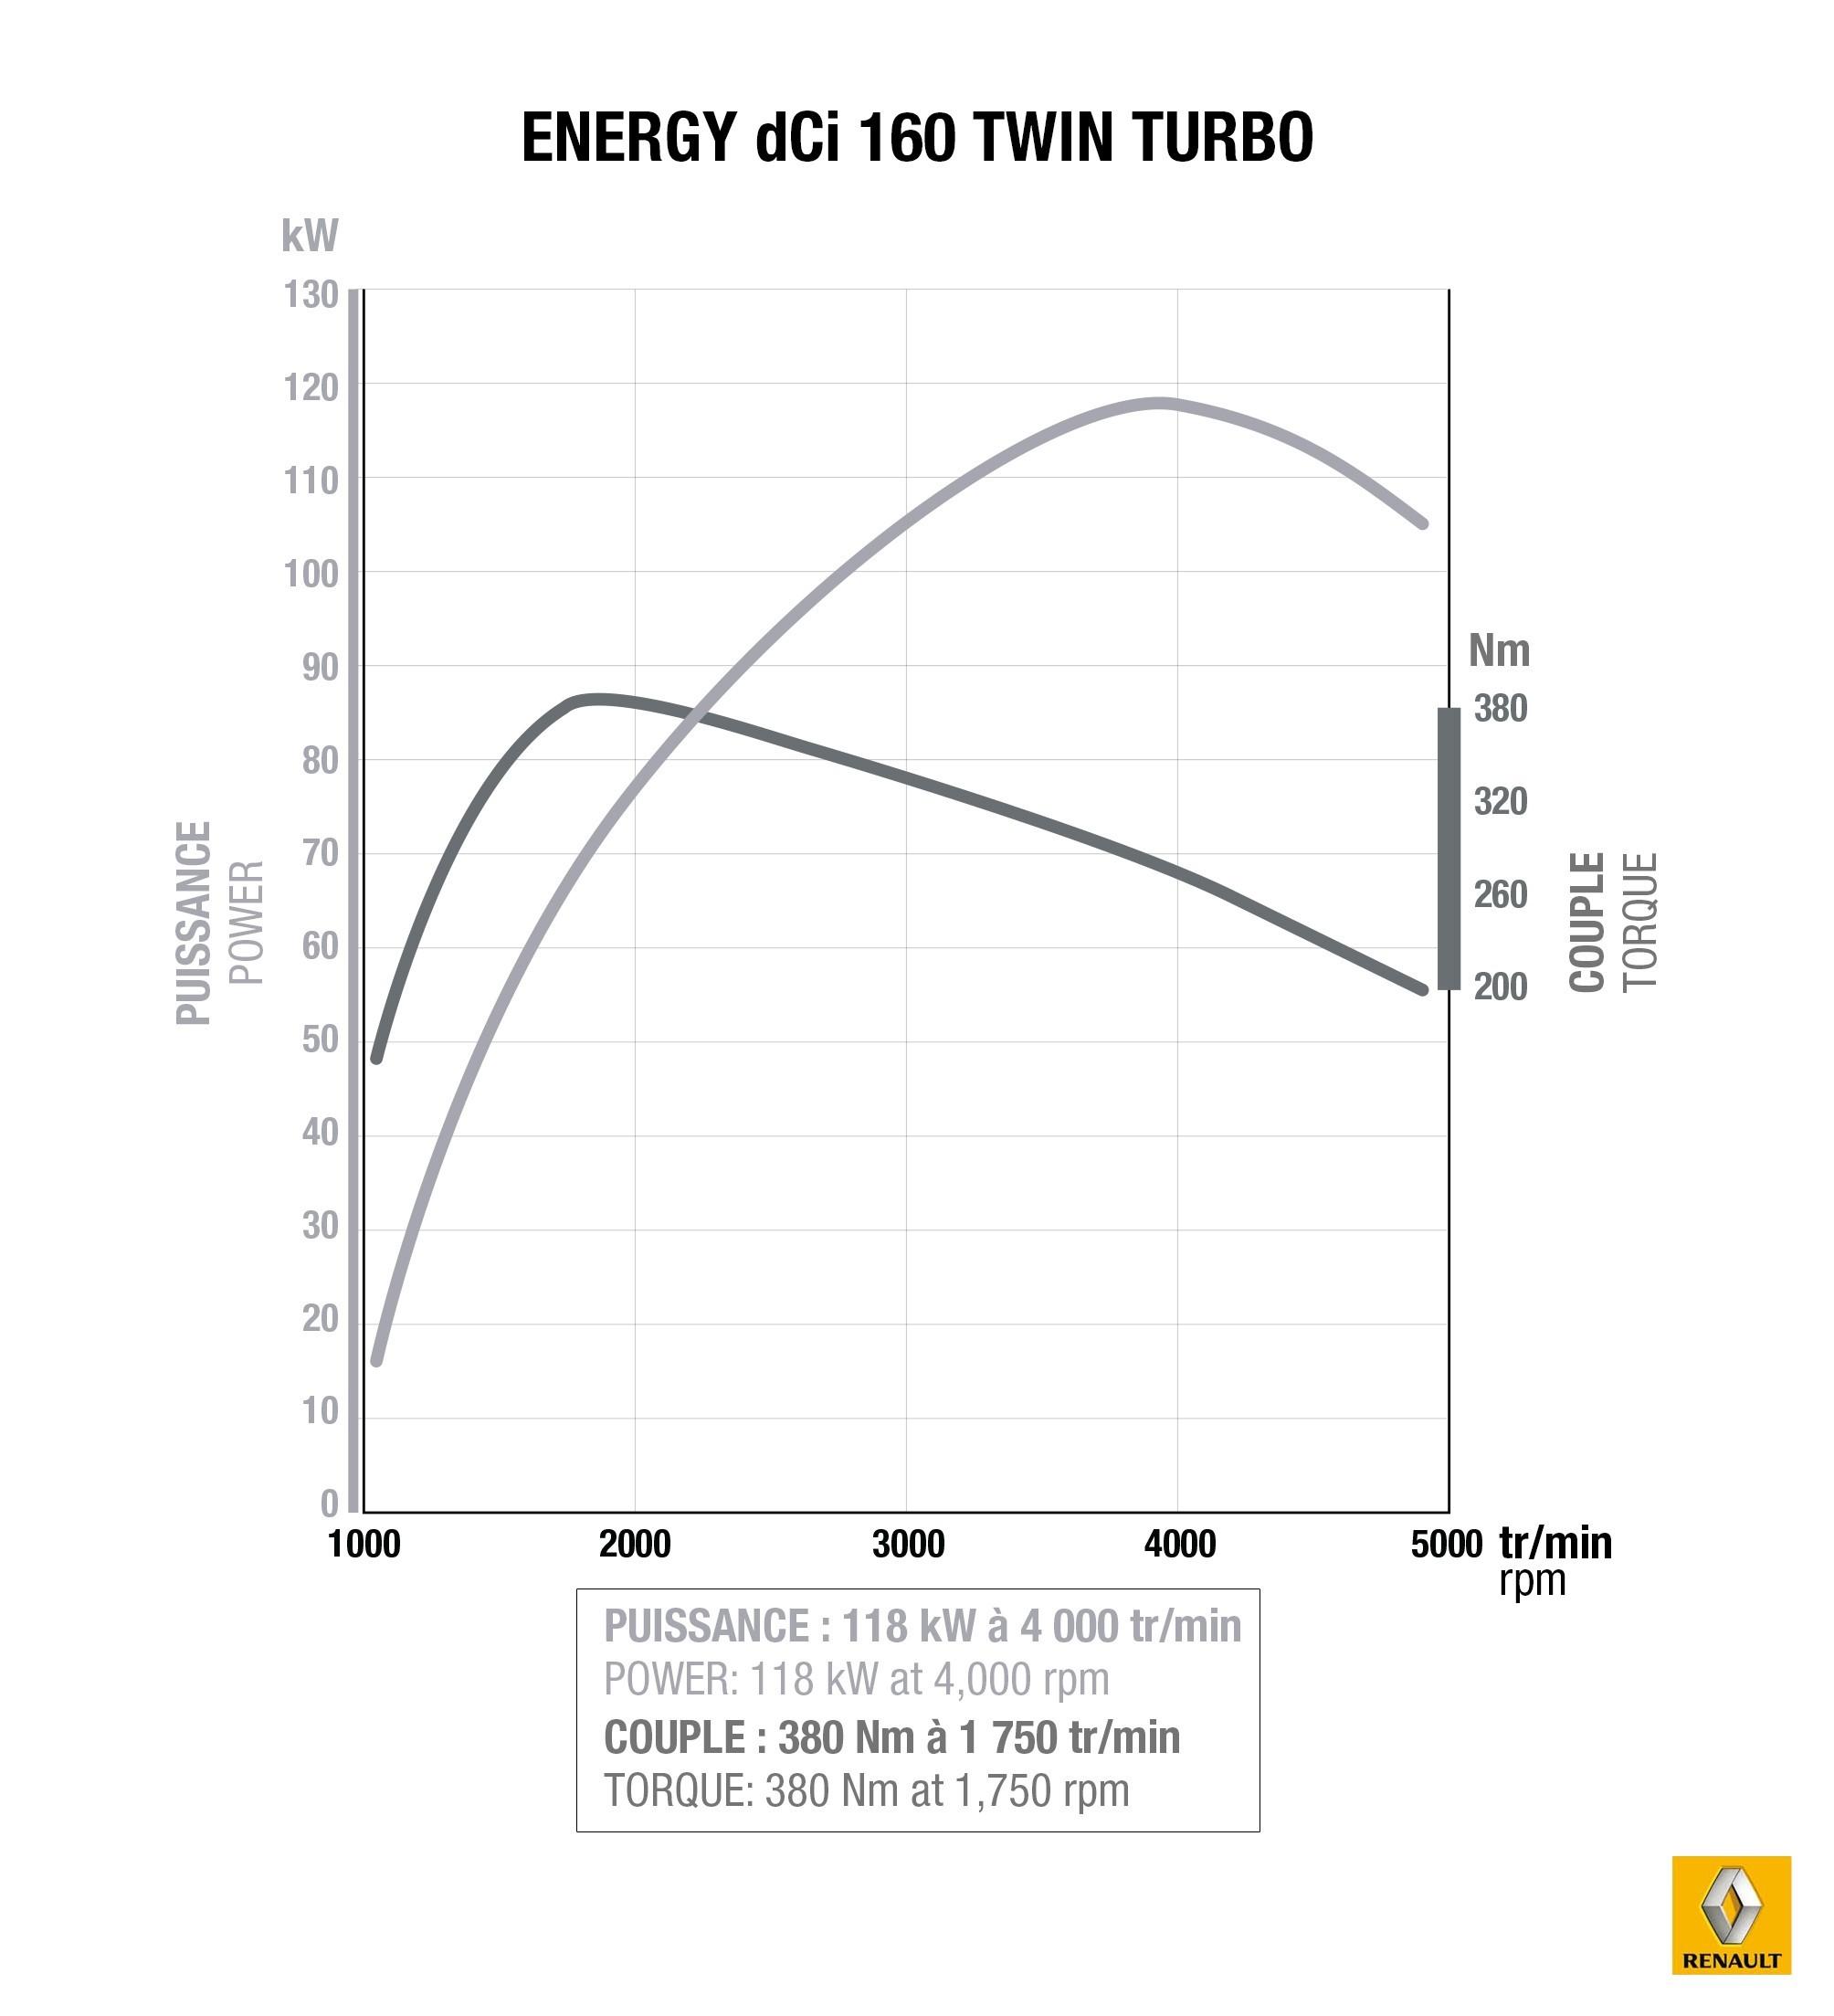 renault pr sente son nouveau moteur 1 6 energy dci 160 twin turbo. Black Bedroom Furniture Sets. Home Design Ideas